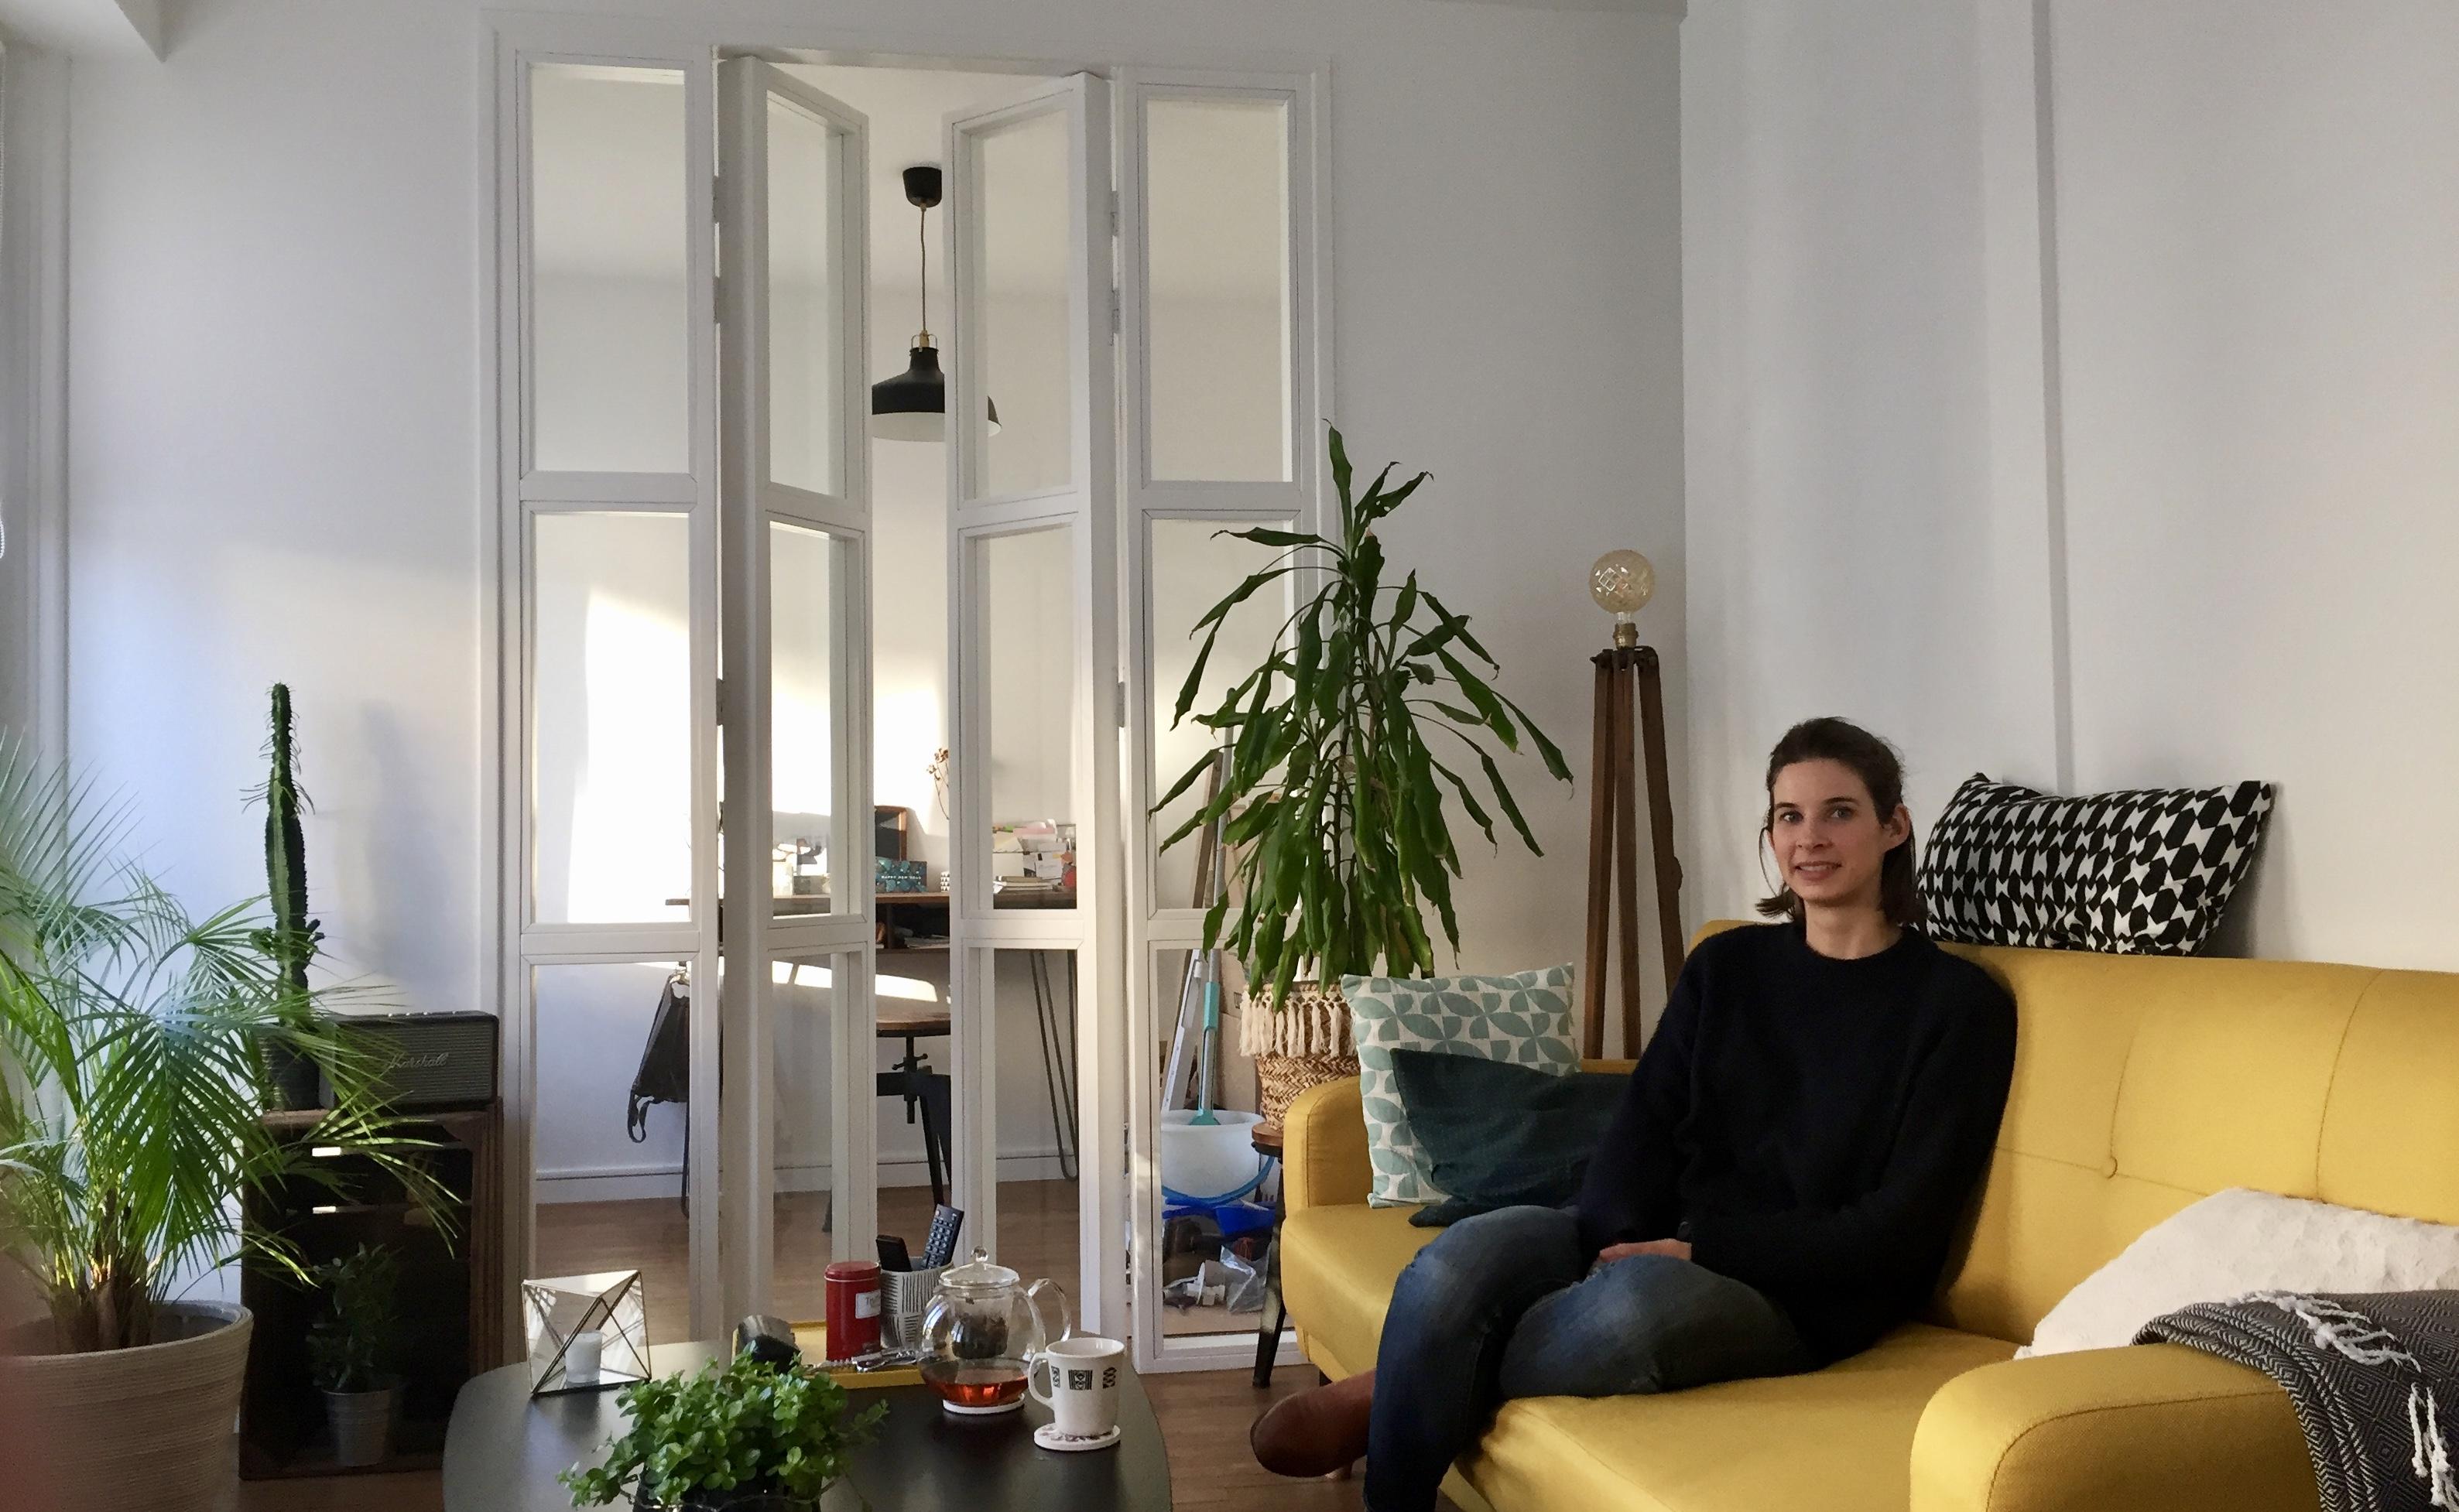 Appartement de Sophie - René Bouhier